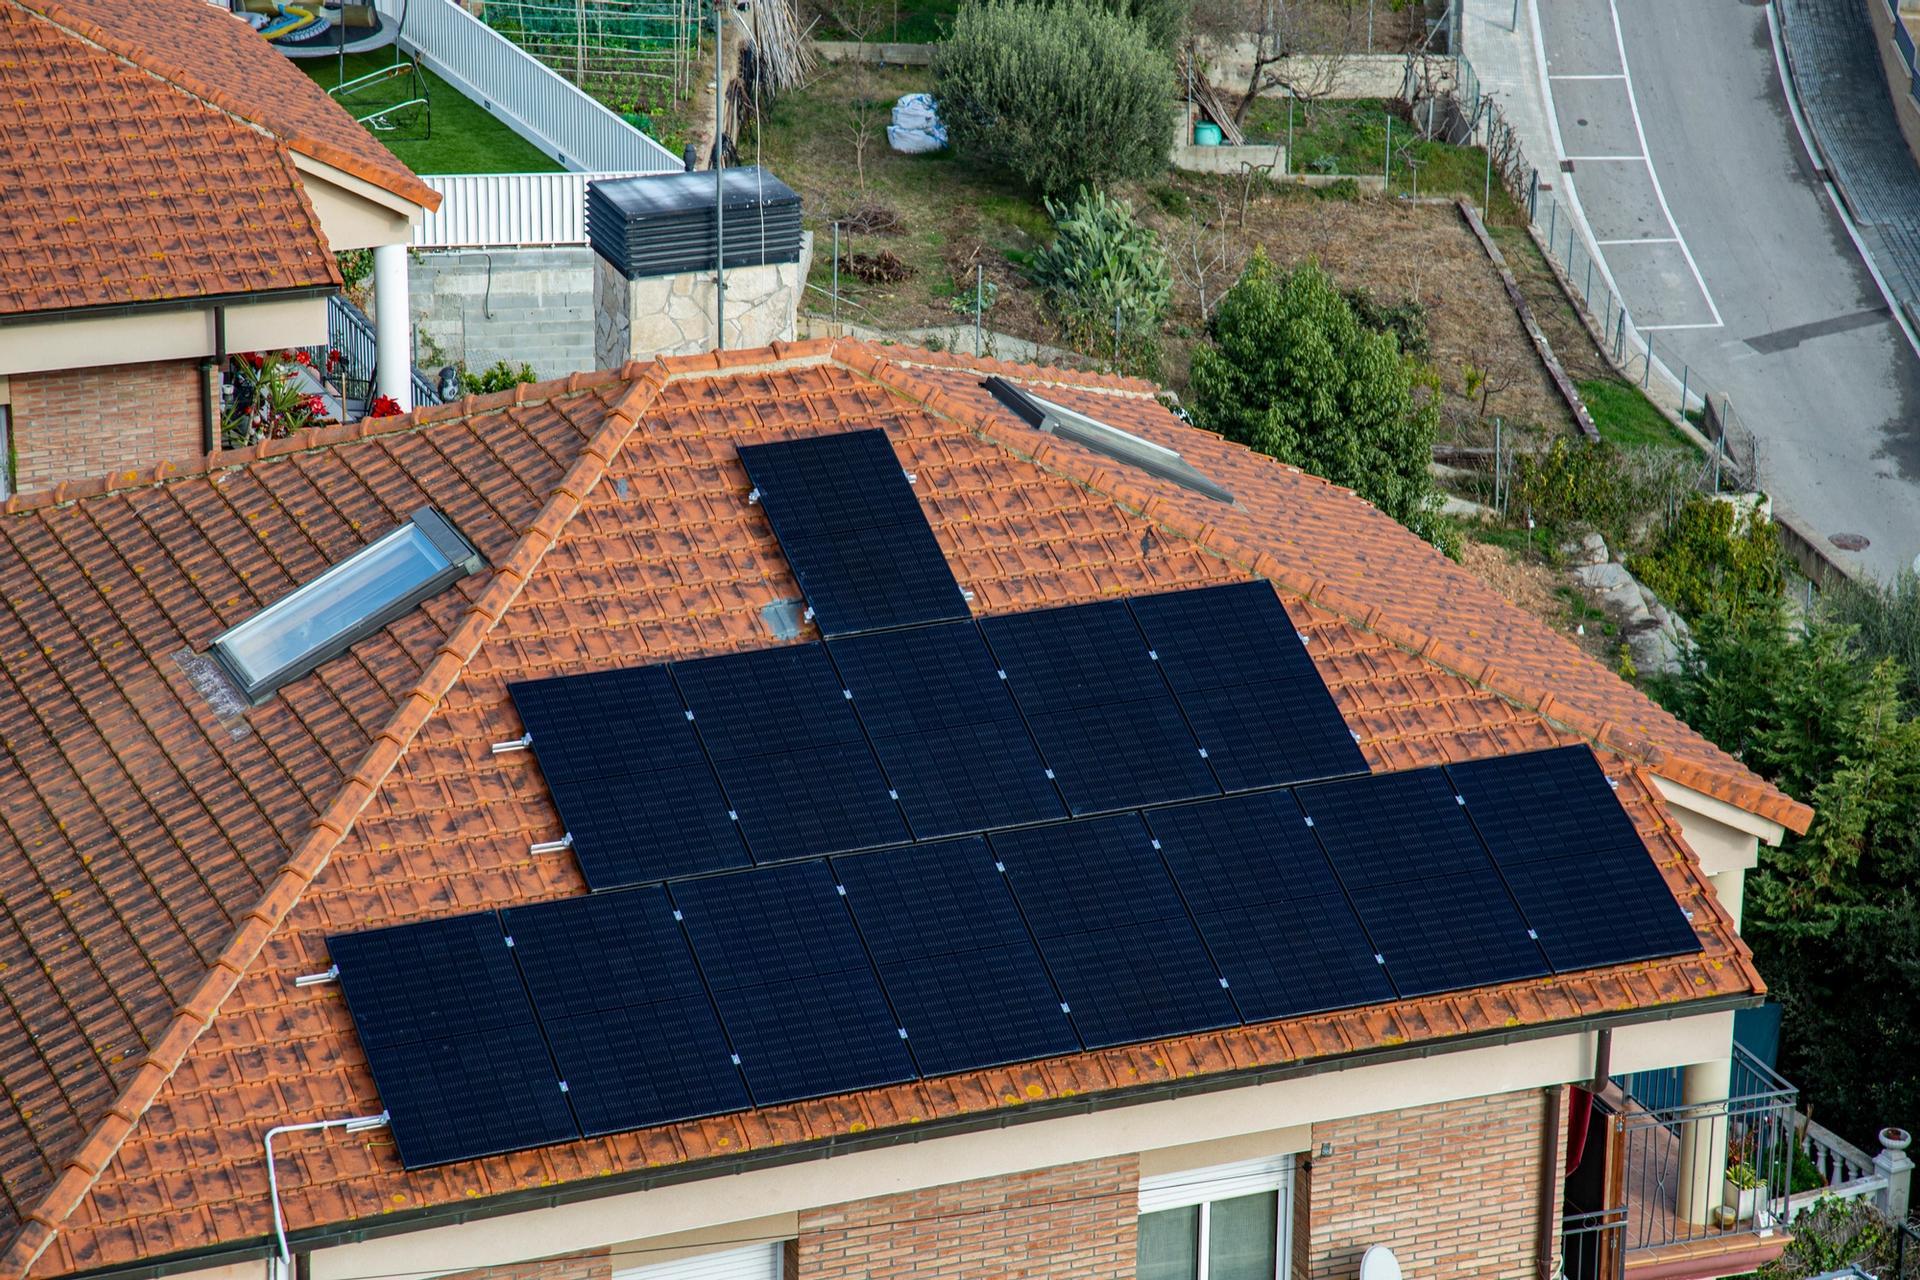 ambassadeur-van-svea-solar